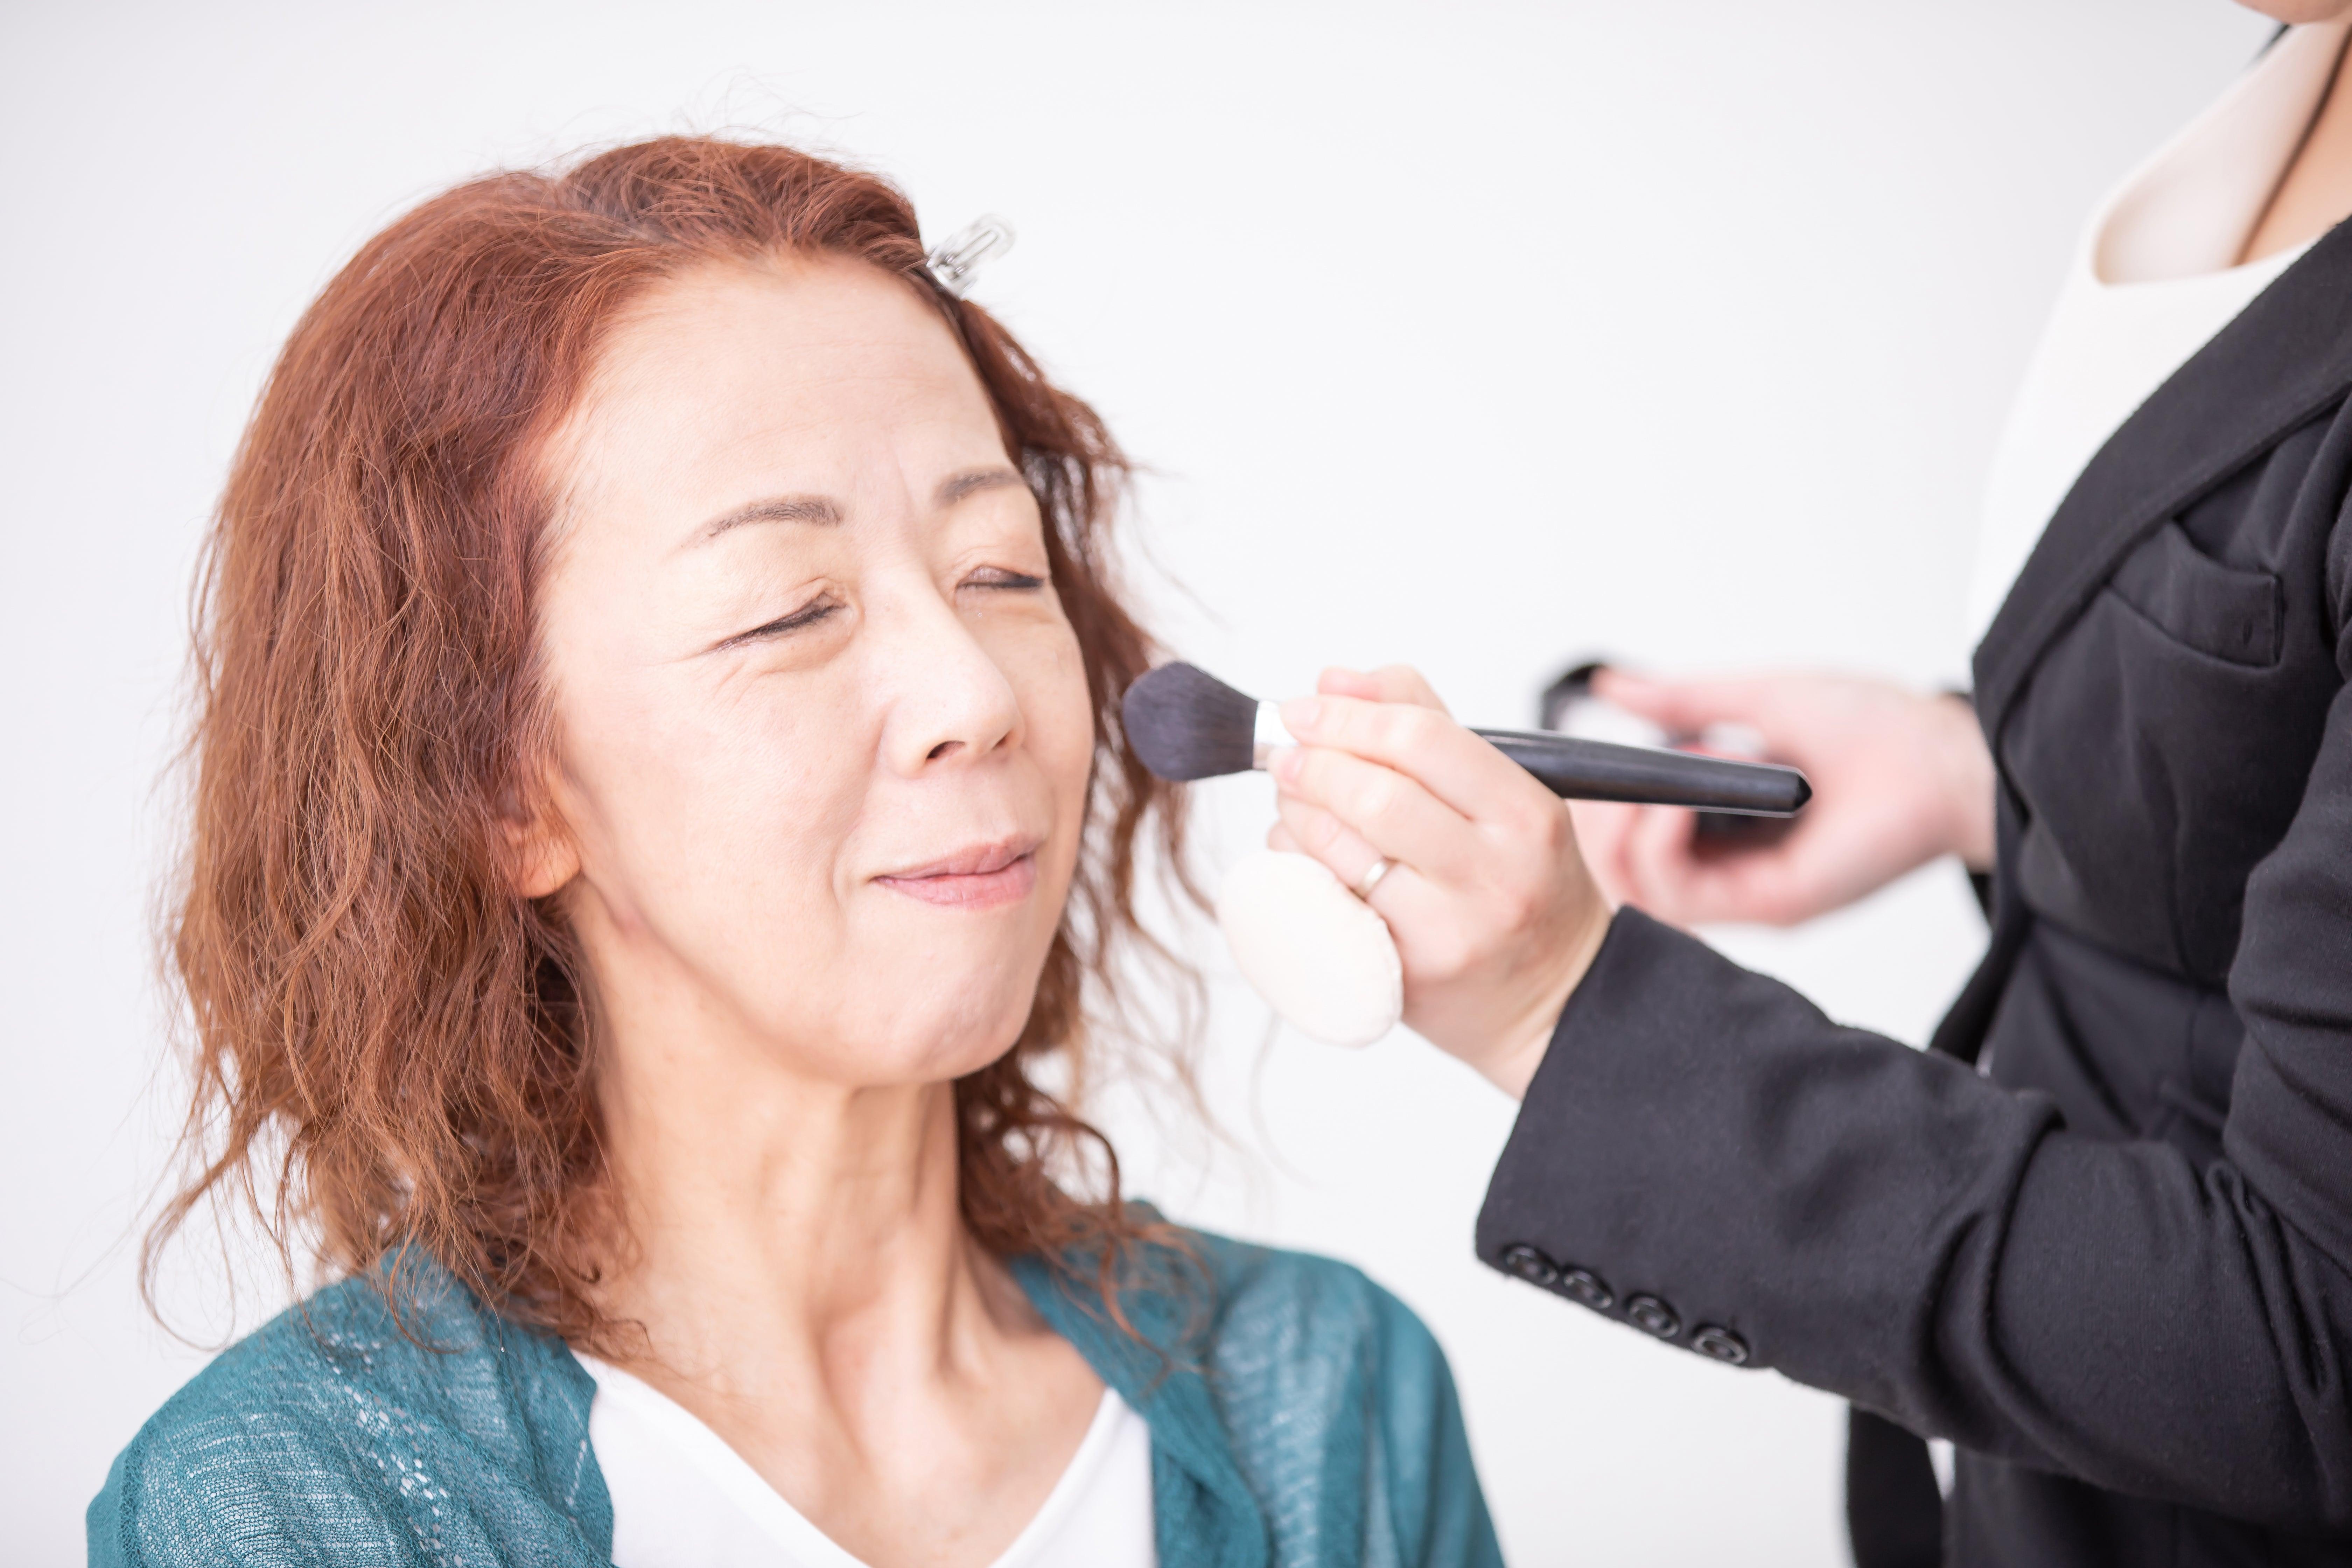 美容部員によるメイクを受ける女性